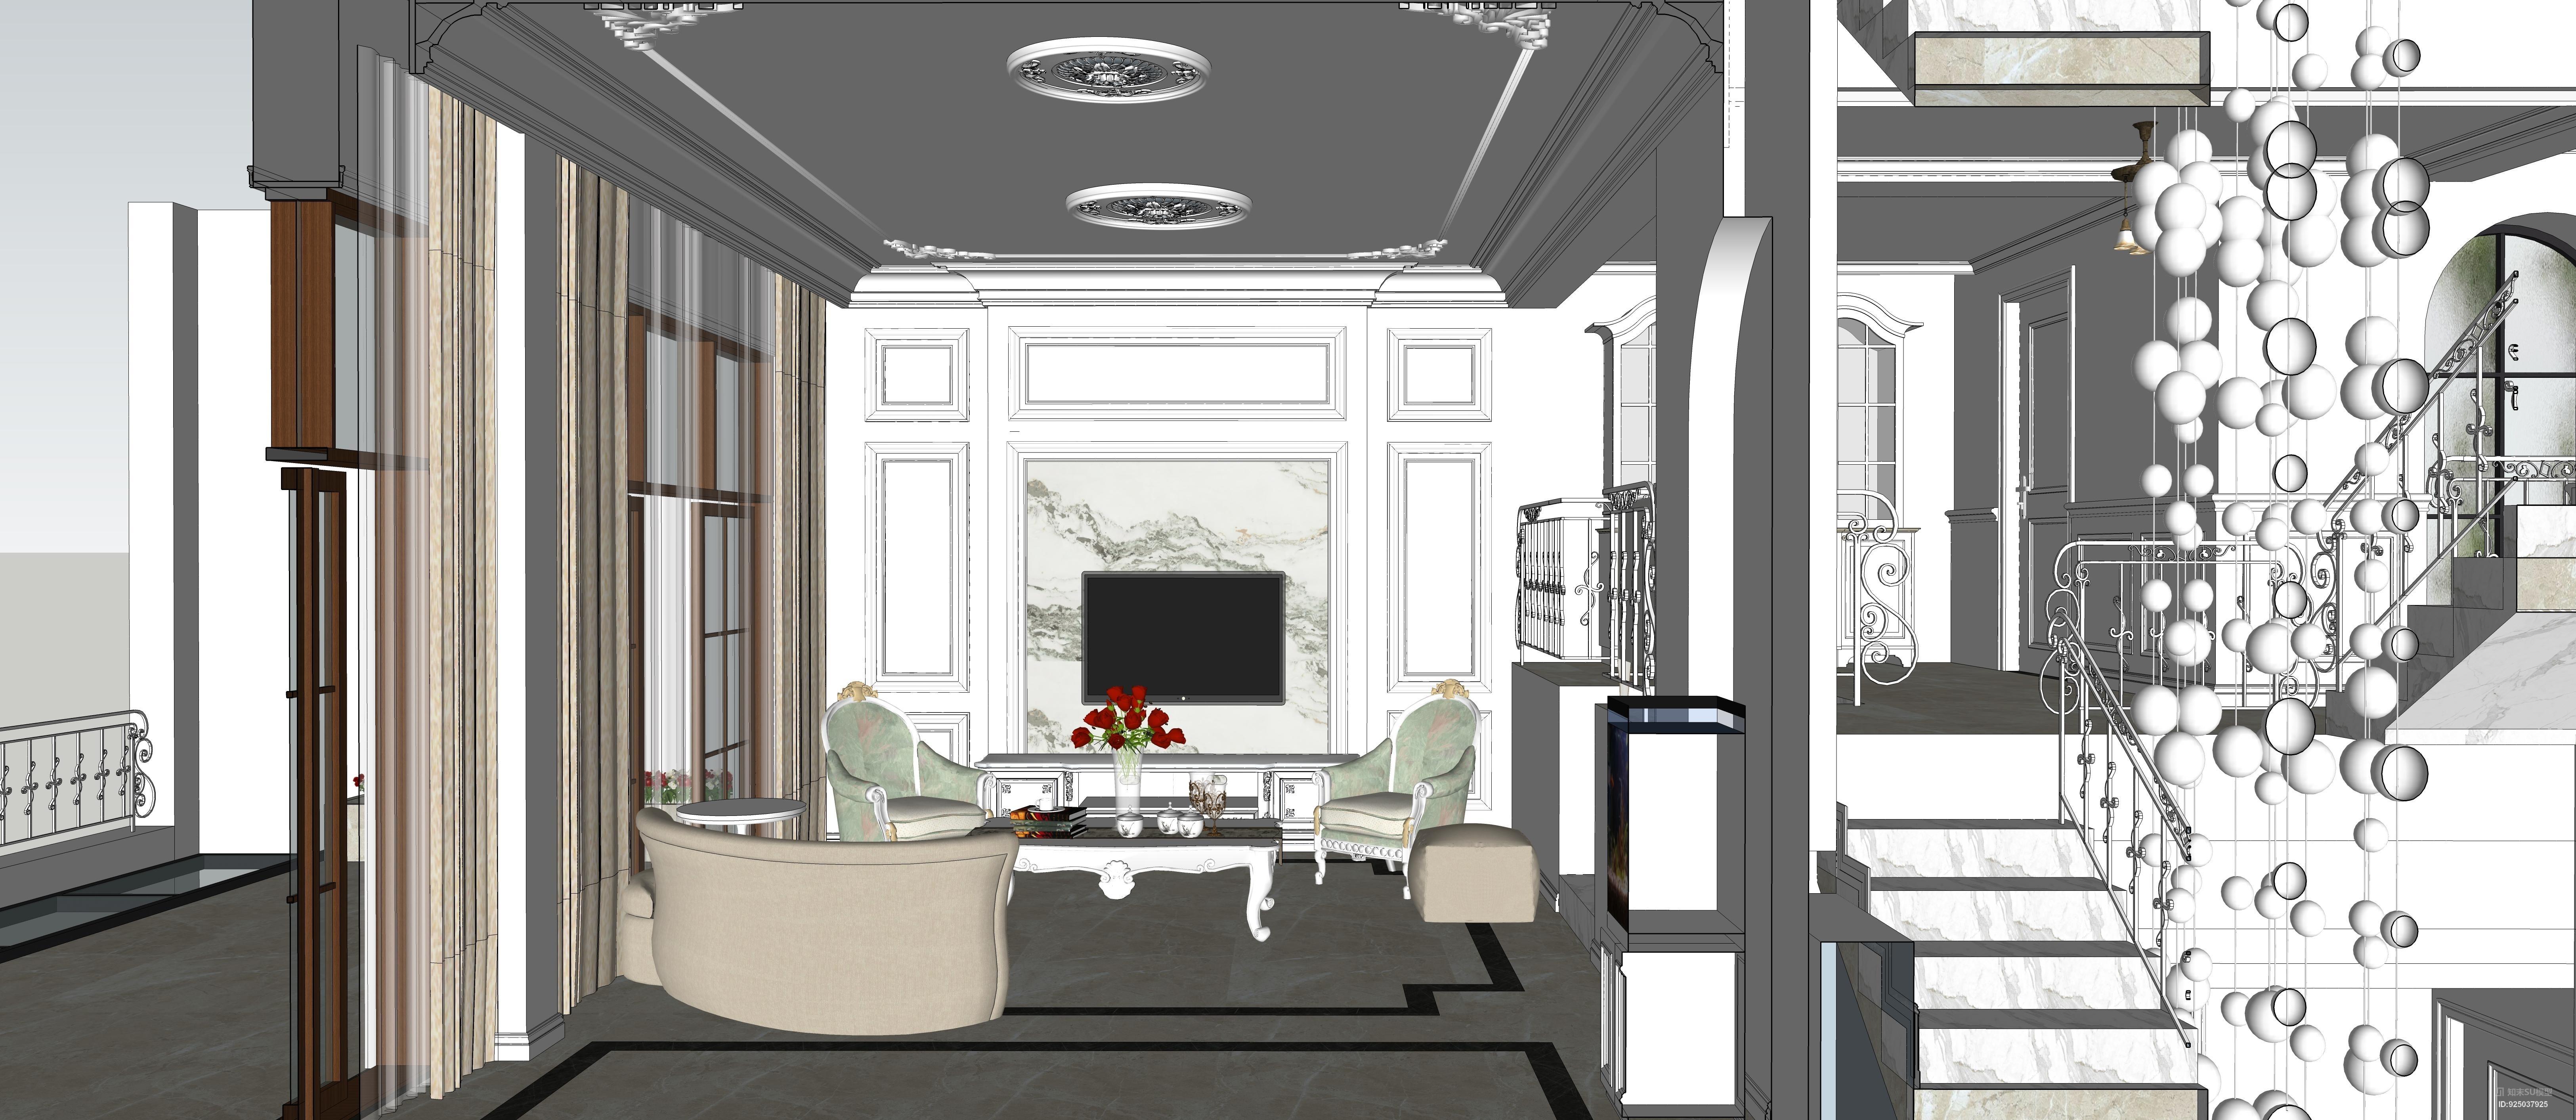 欧式整套别墅三层 客厅 餐厅 卫生间 卧室 楼梯 扶手 沙发奢华灯盘角花